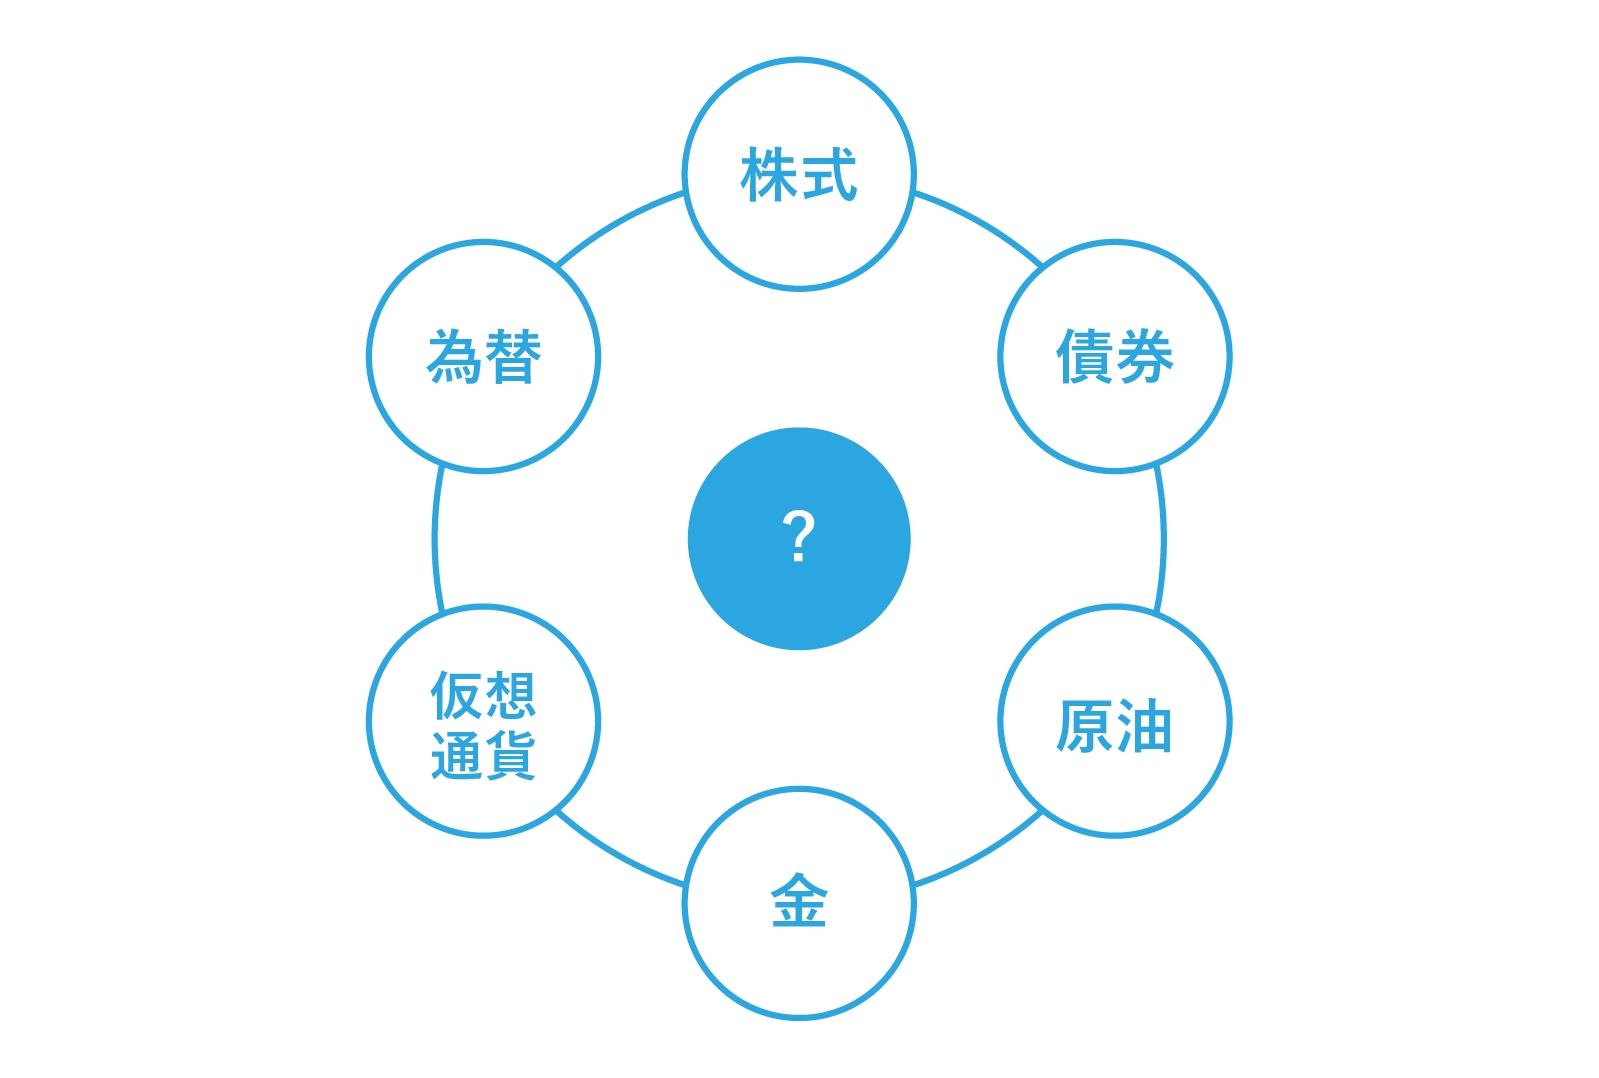 「各市場の中心として影響を与える市場はどれか」を考え、マーケット構図を把握する(図はイメージ)